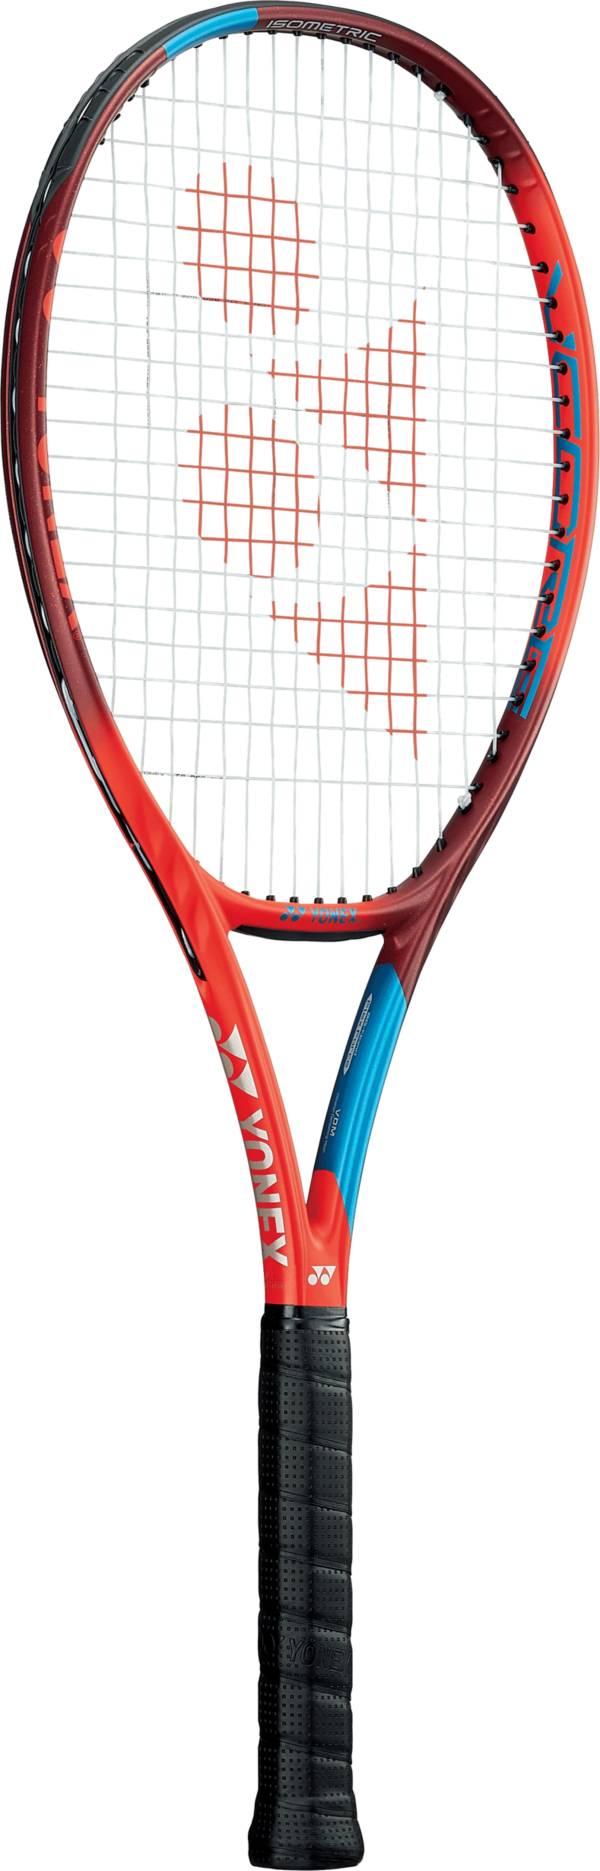 Yonex VCore 98 Tennis Racquet product image